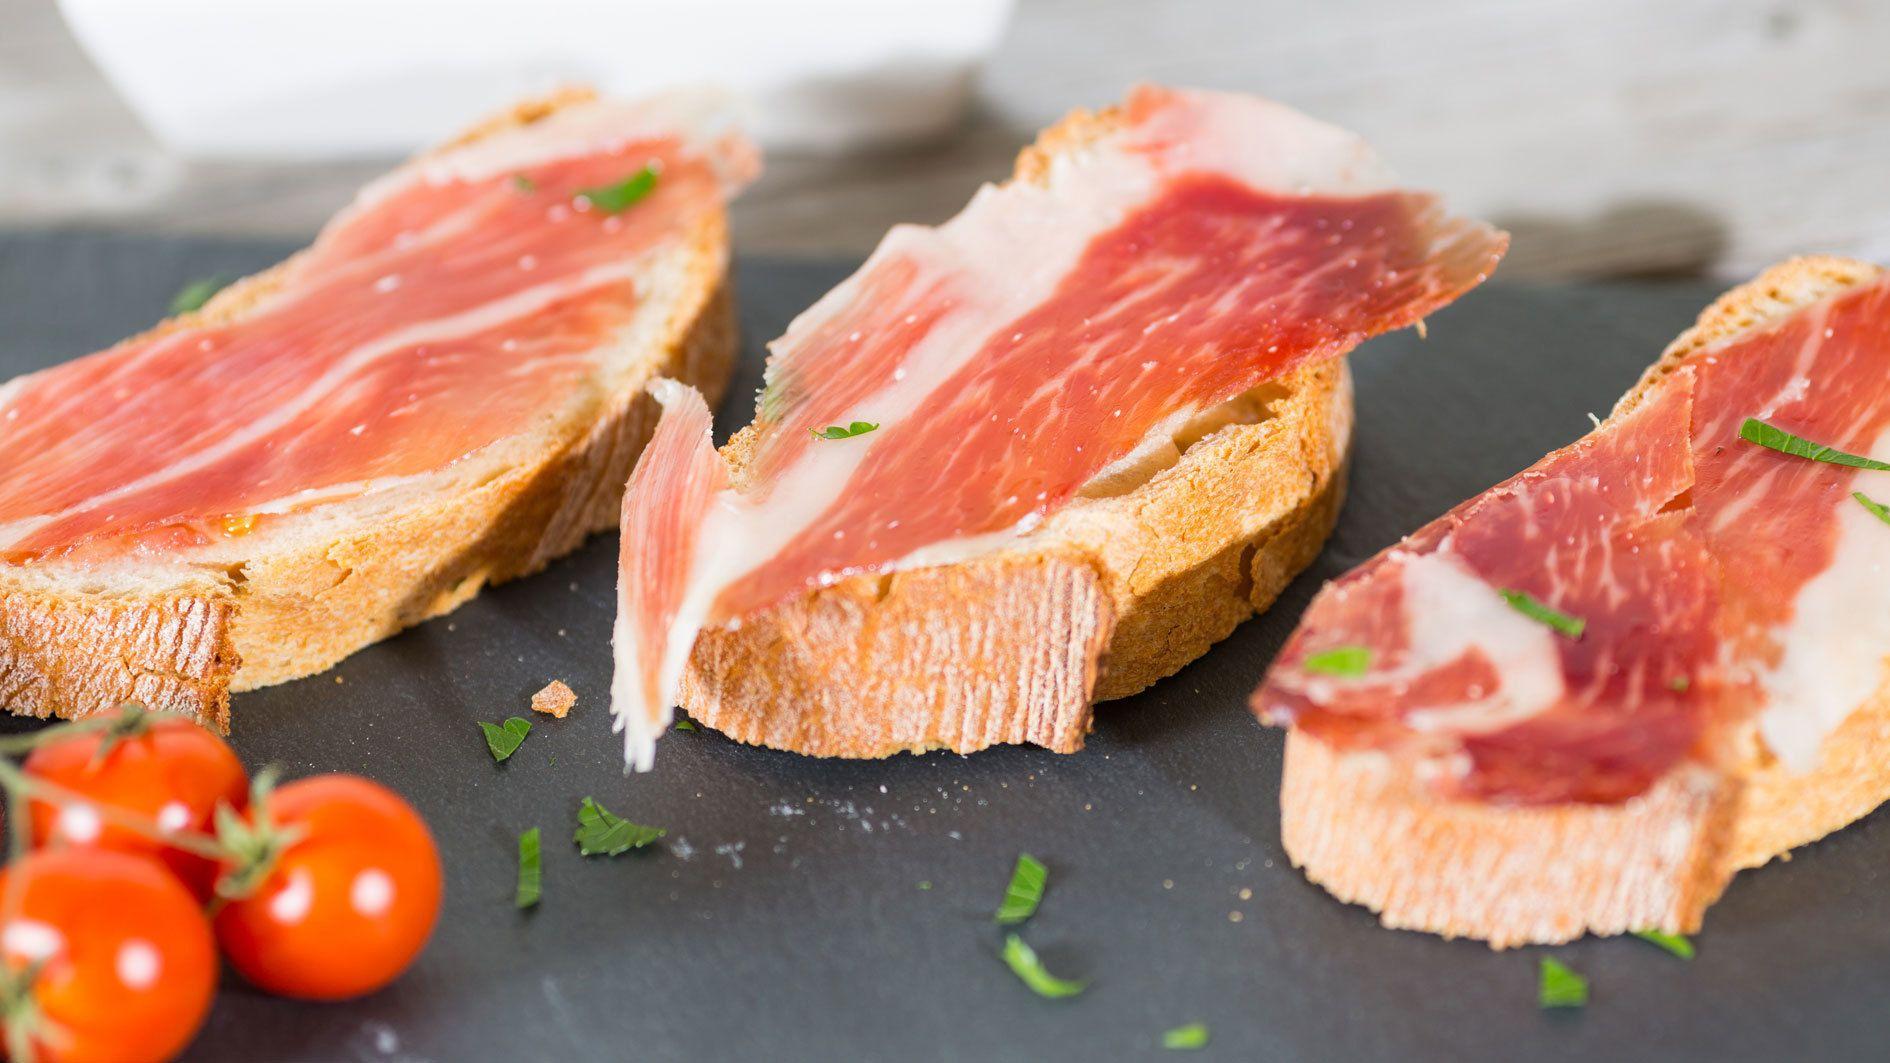 prosciutto on bread in Barcelona